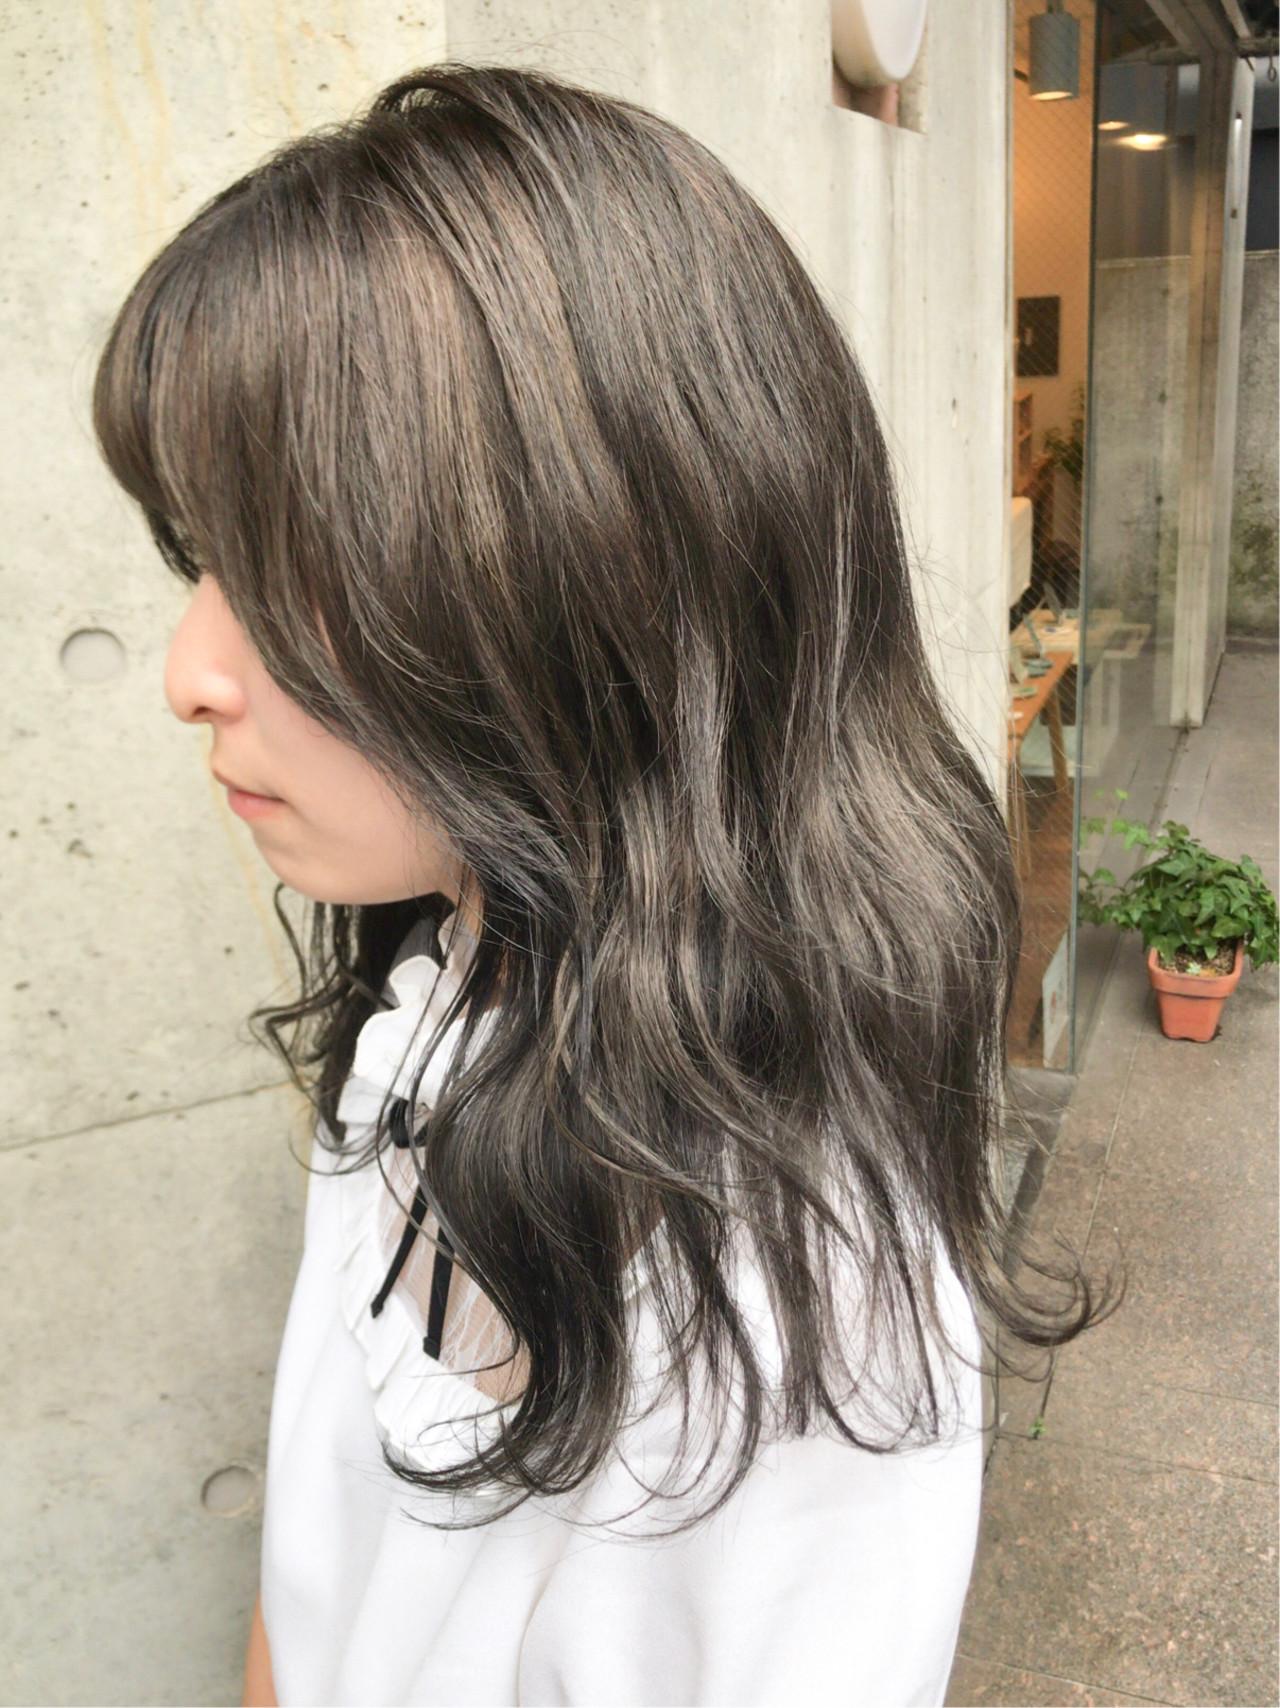 モード ブルーアッシュ ミディアム アッシュグレー ヘアスタイルや髪型の写真・画像